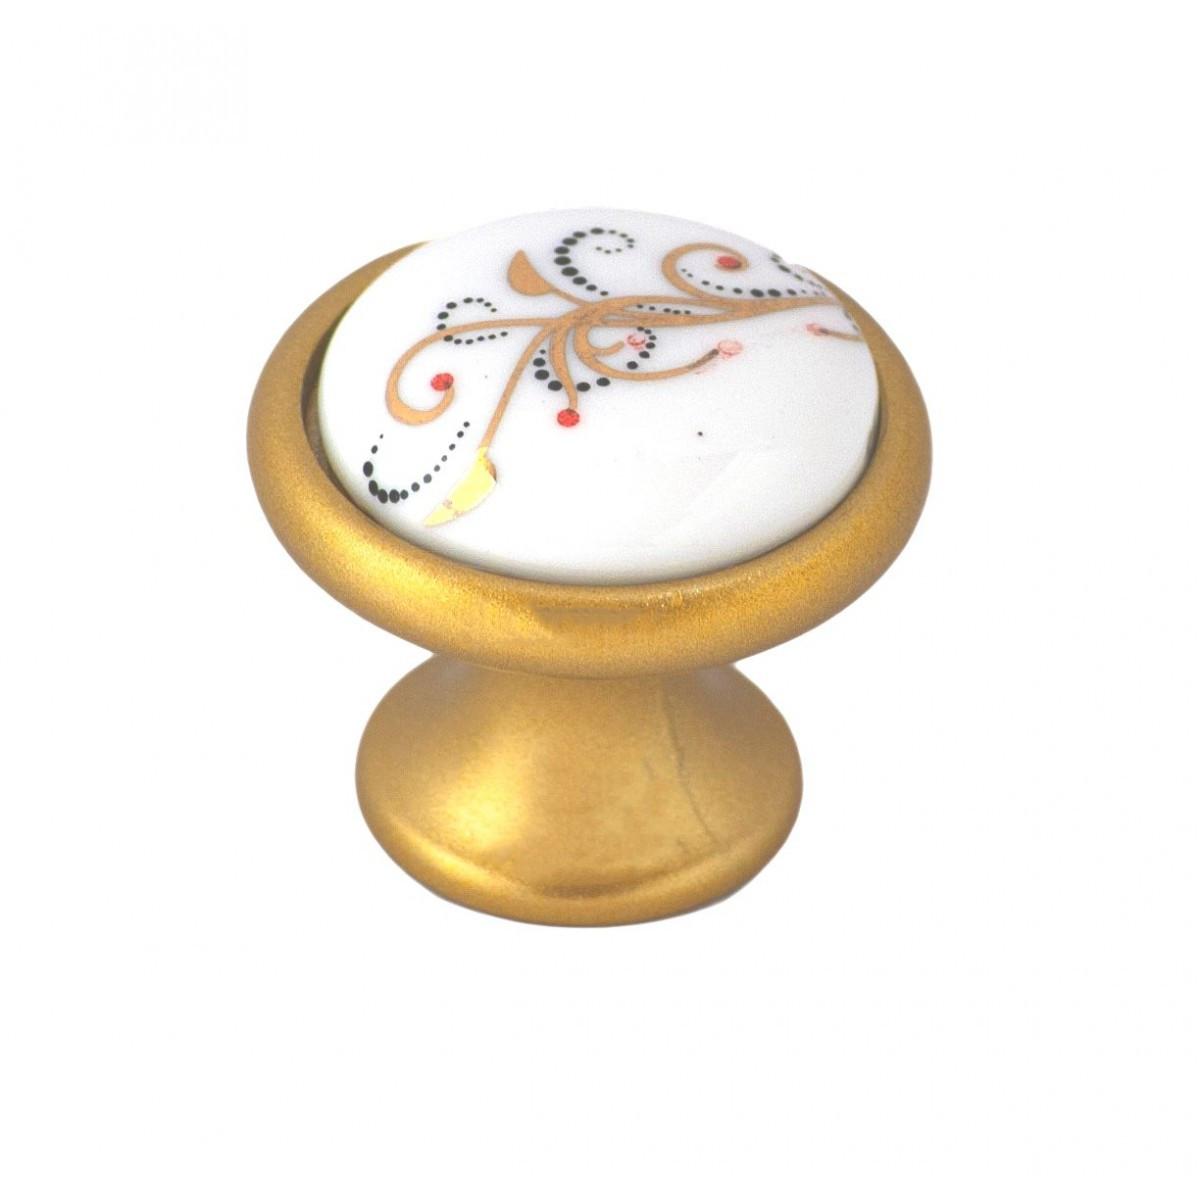 Ручка мебельная Ozkardesler 6072-04/41 керамика MONA DUGME PORSELEN Матовое Золото-Лоза